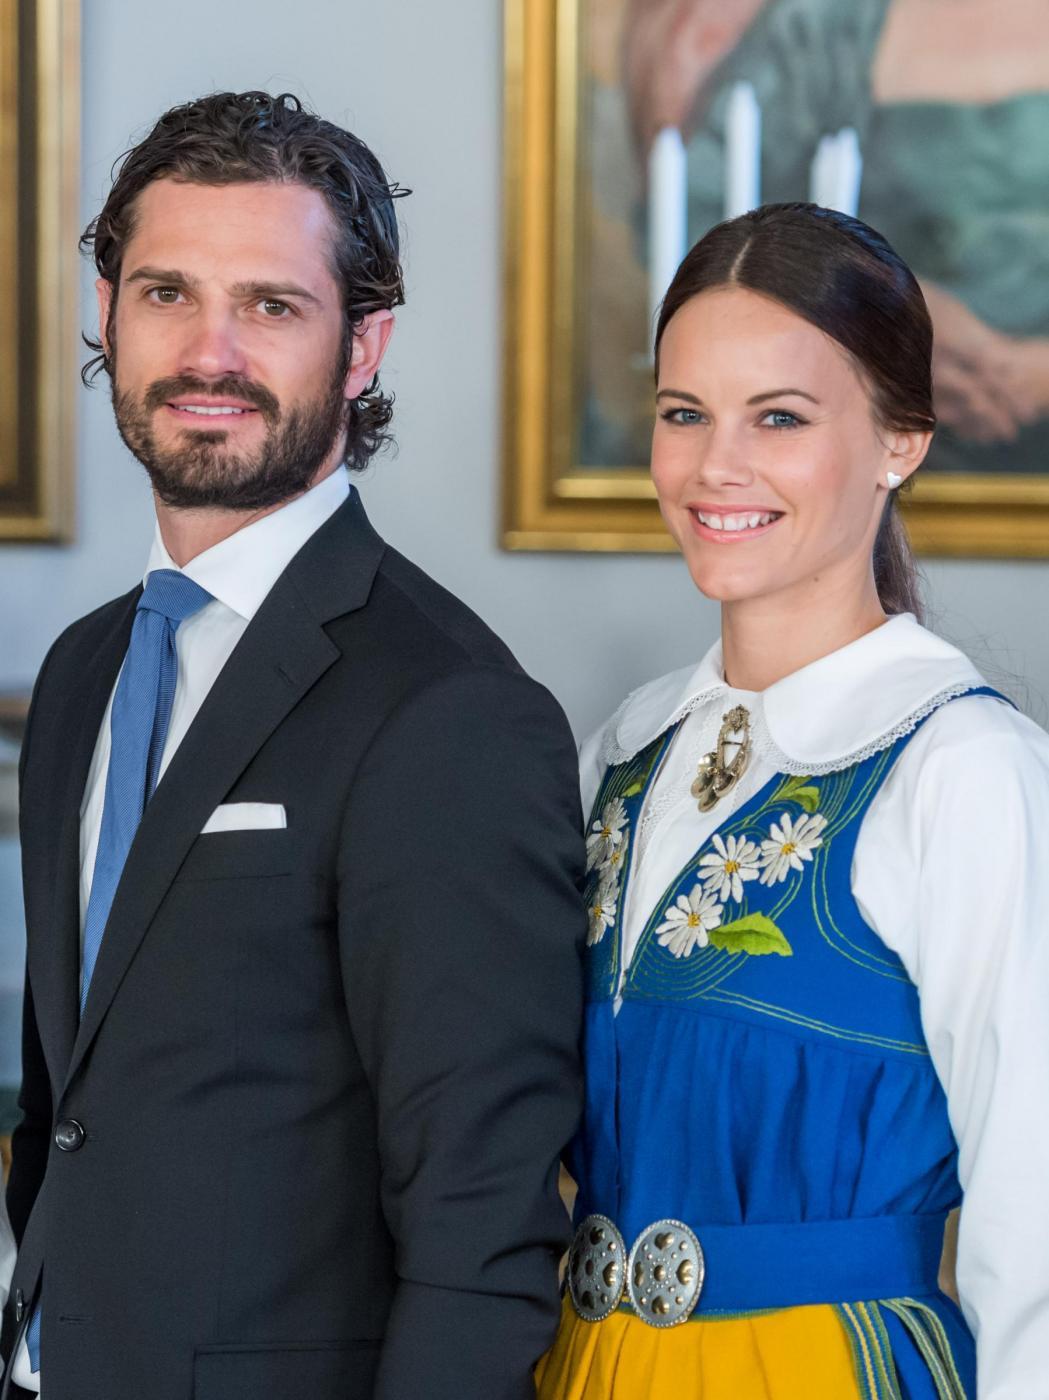 Sofia Hellqvist: chi è la donna che sposa Carlo Filippo di Svezia FOTO 22